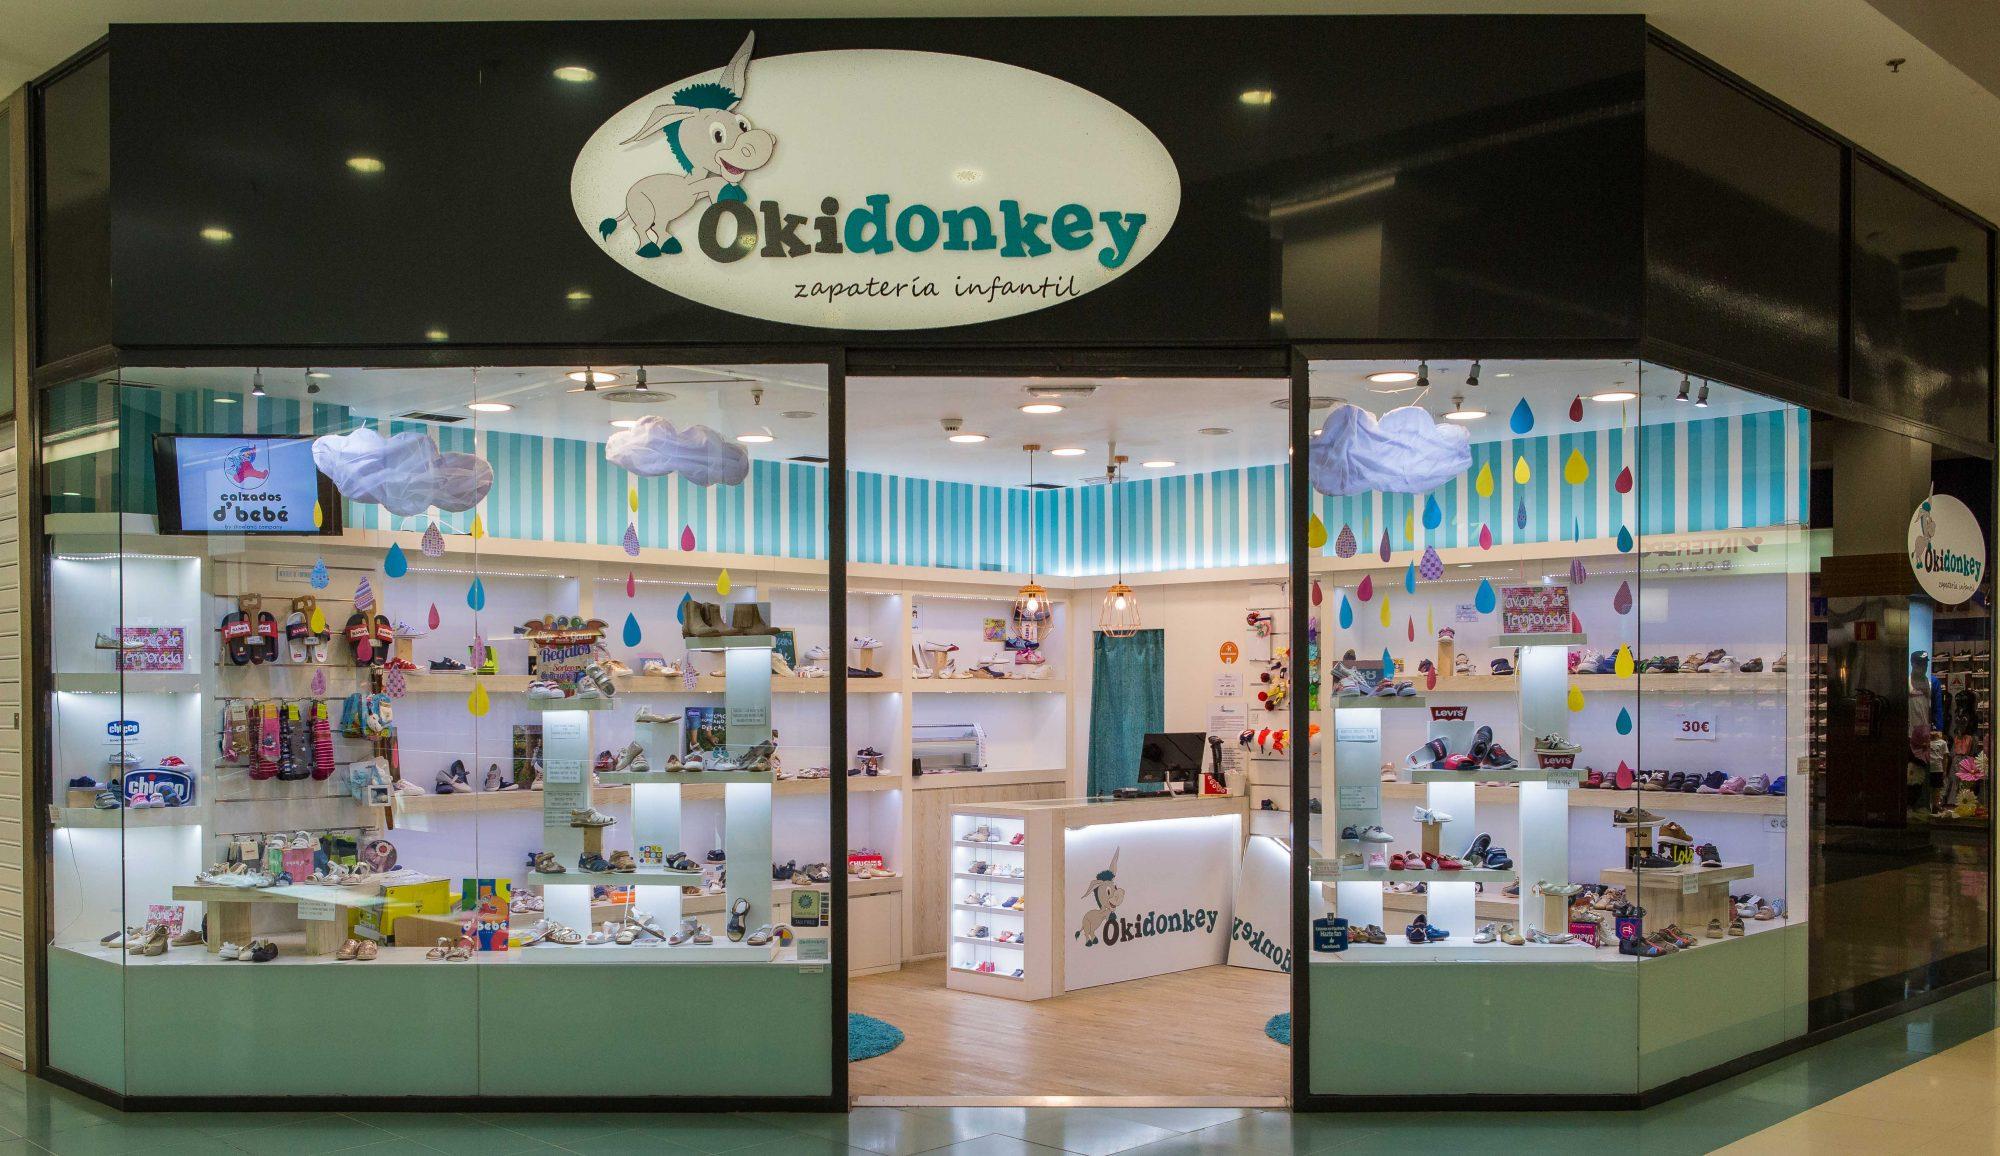 Okidonkey